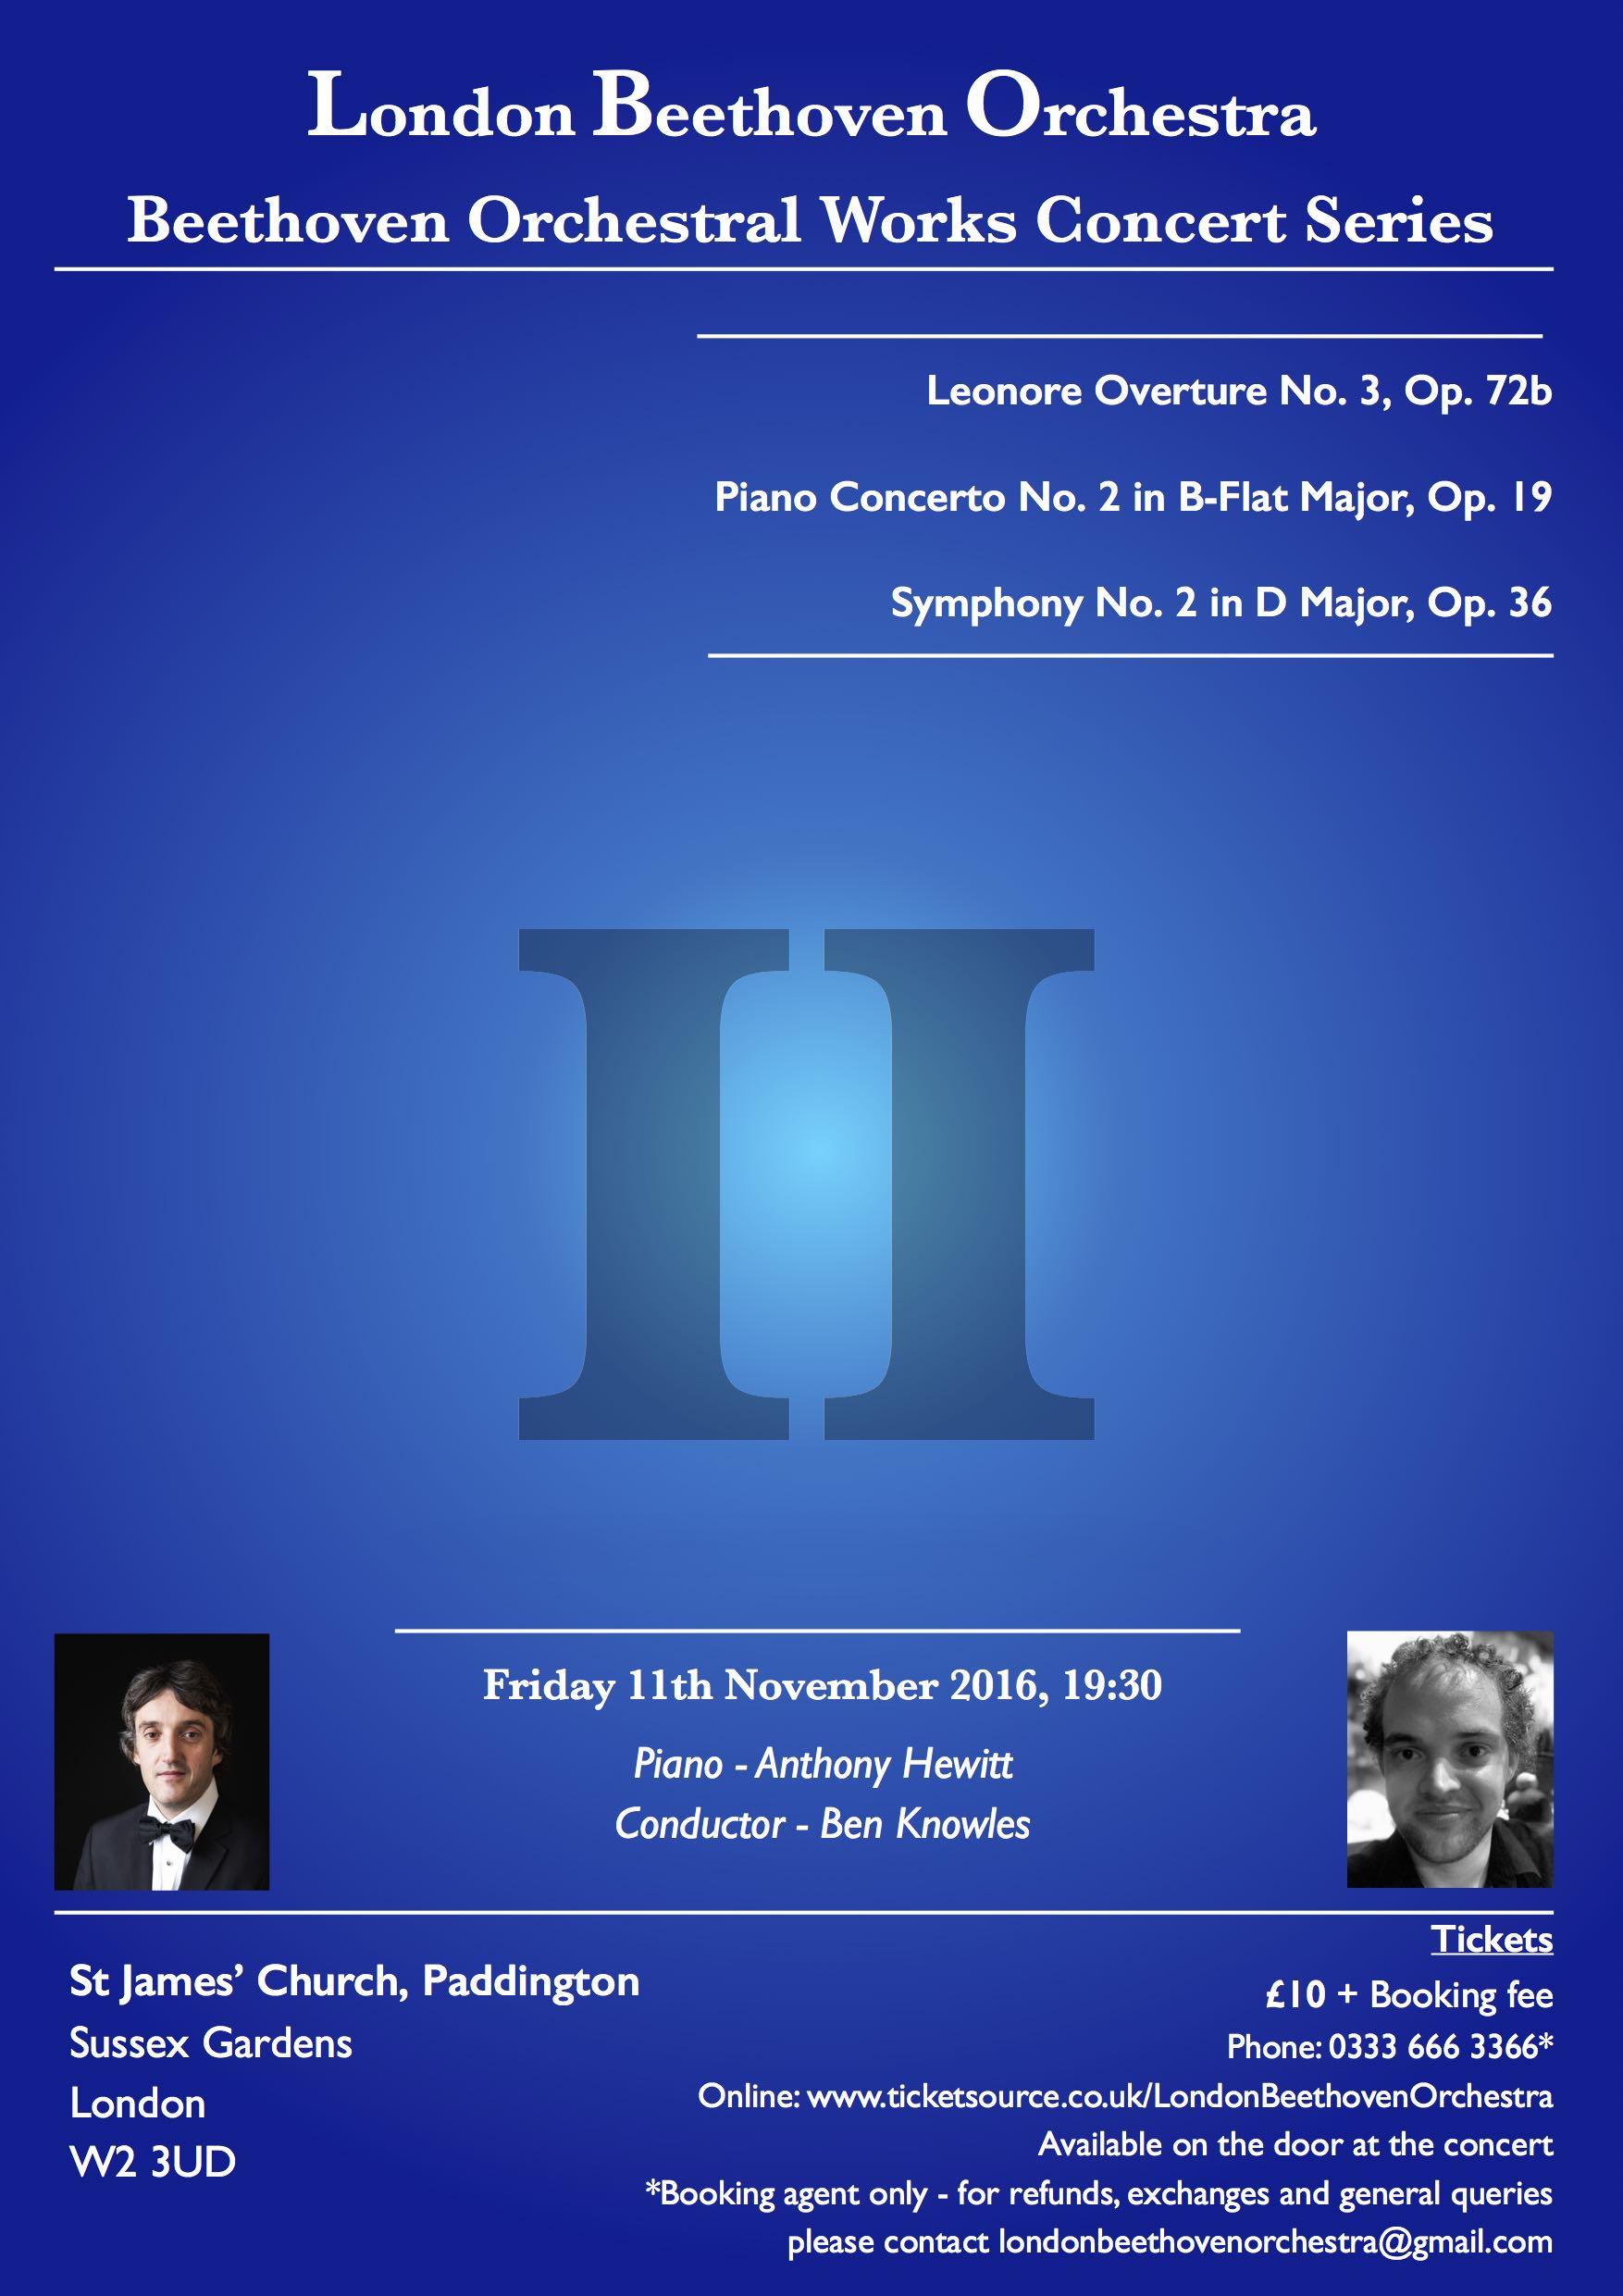 LBO Concert 2 - Leonore Overture 3, Piano Concerto 2